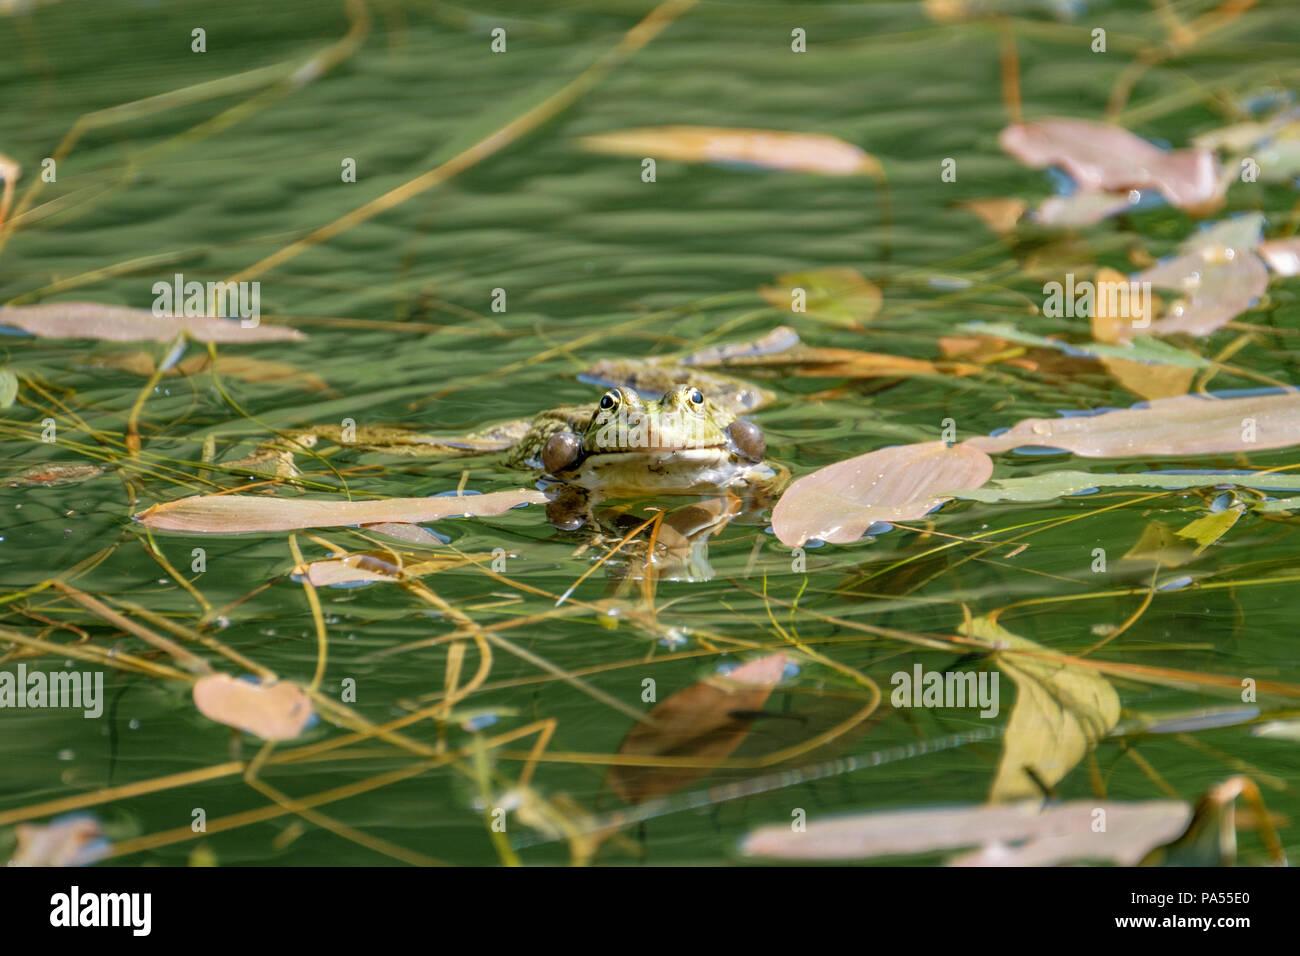 Heureux grenouille dans un étang. Les grenouilles dans un étang d'eau douce claire magnifique en Suisse Banque D'Images